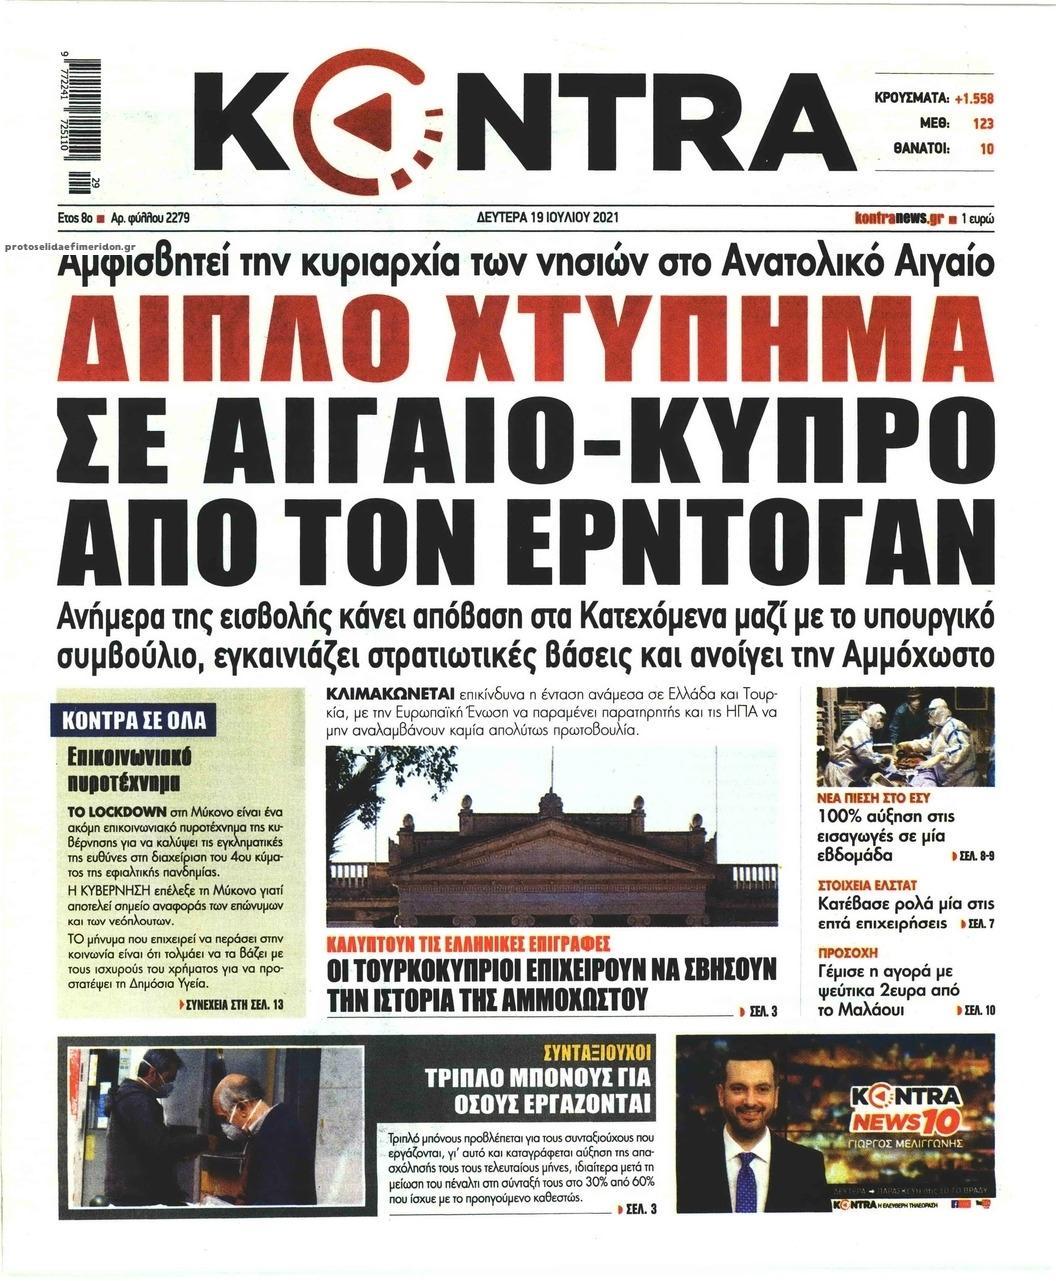 Πρωτοσέλιδο εφημερίδας Kontra News